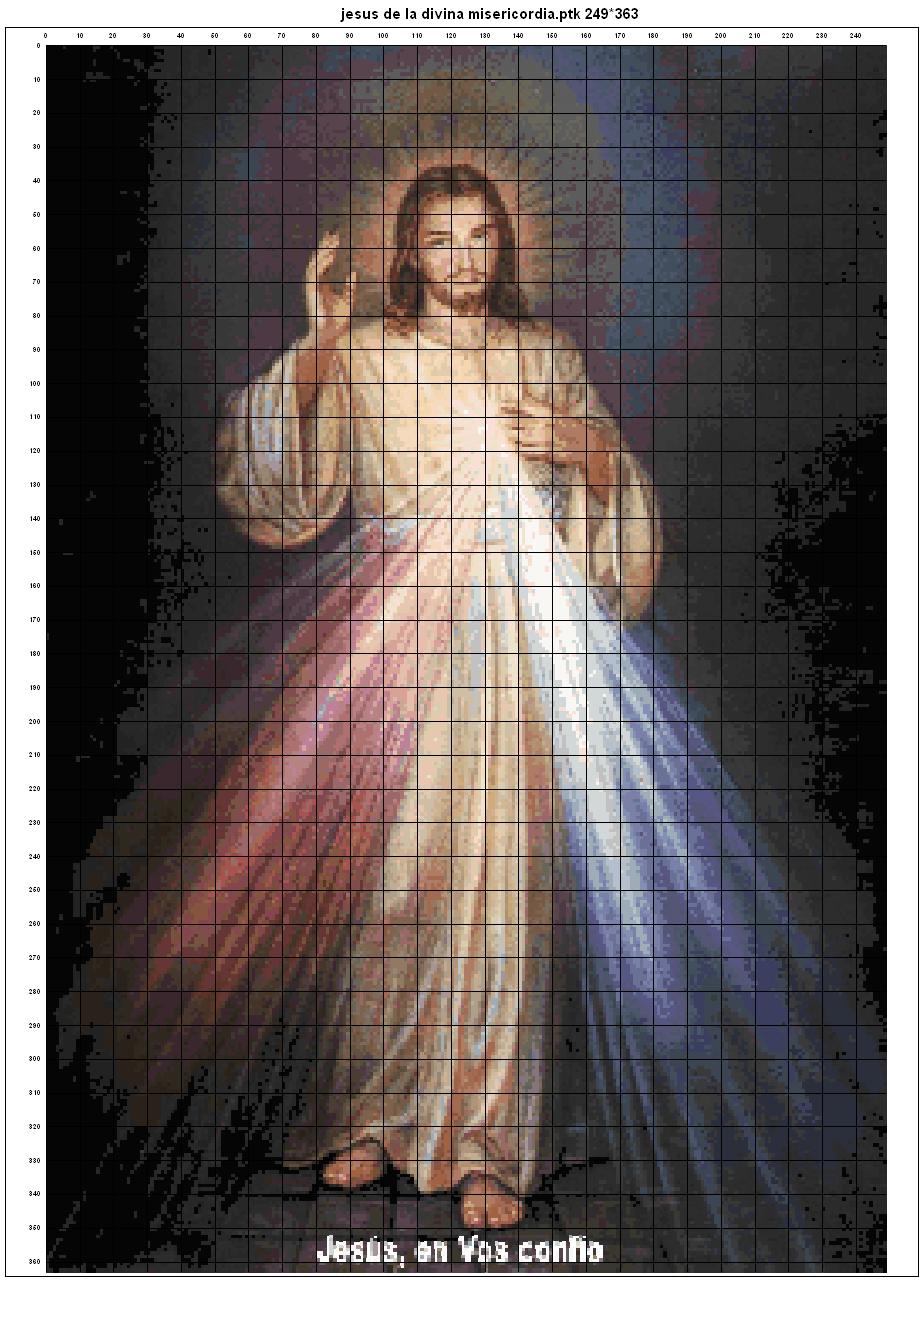 El Señor de la Divina Misericordia. Jesús en ti Confío